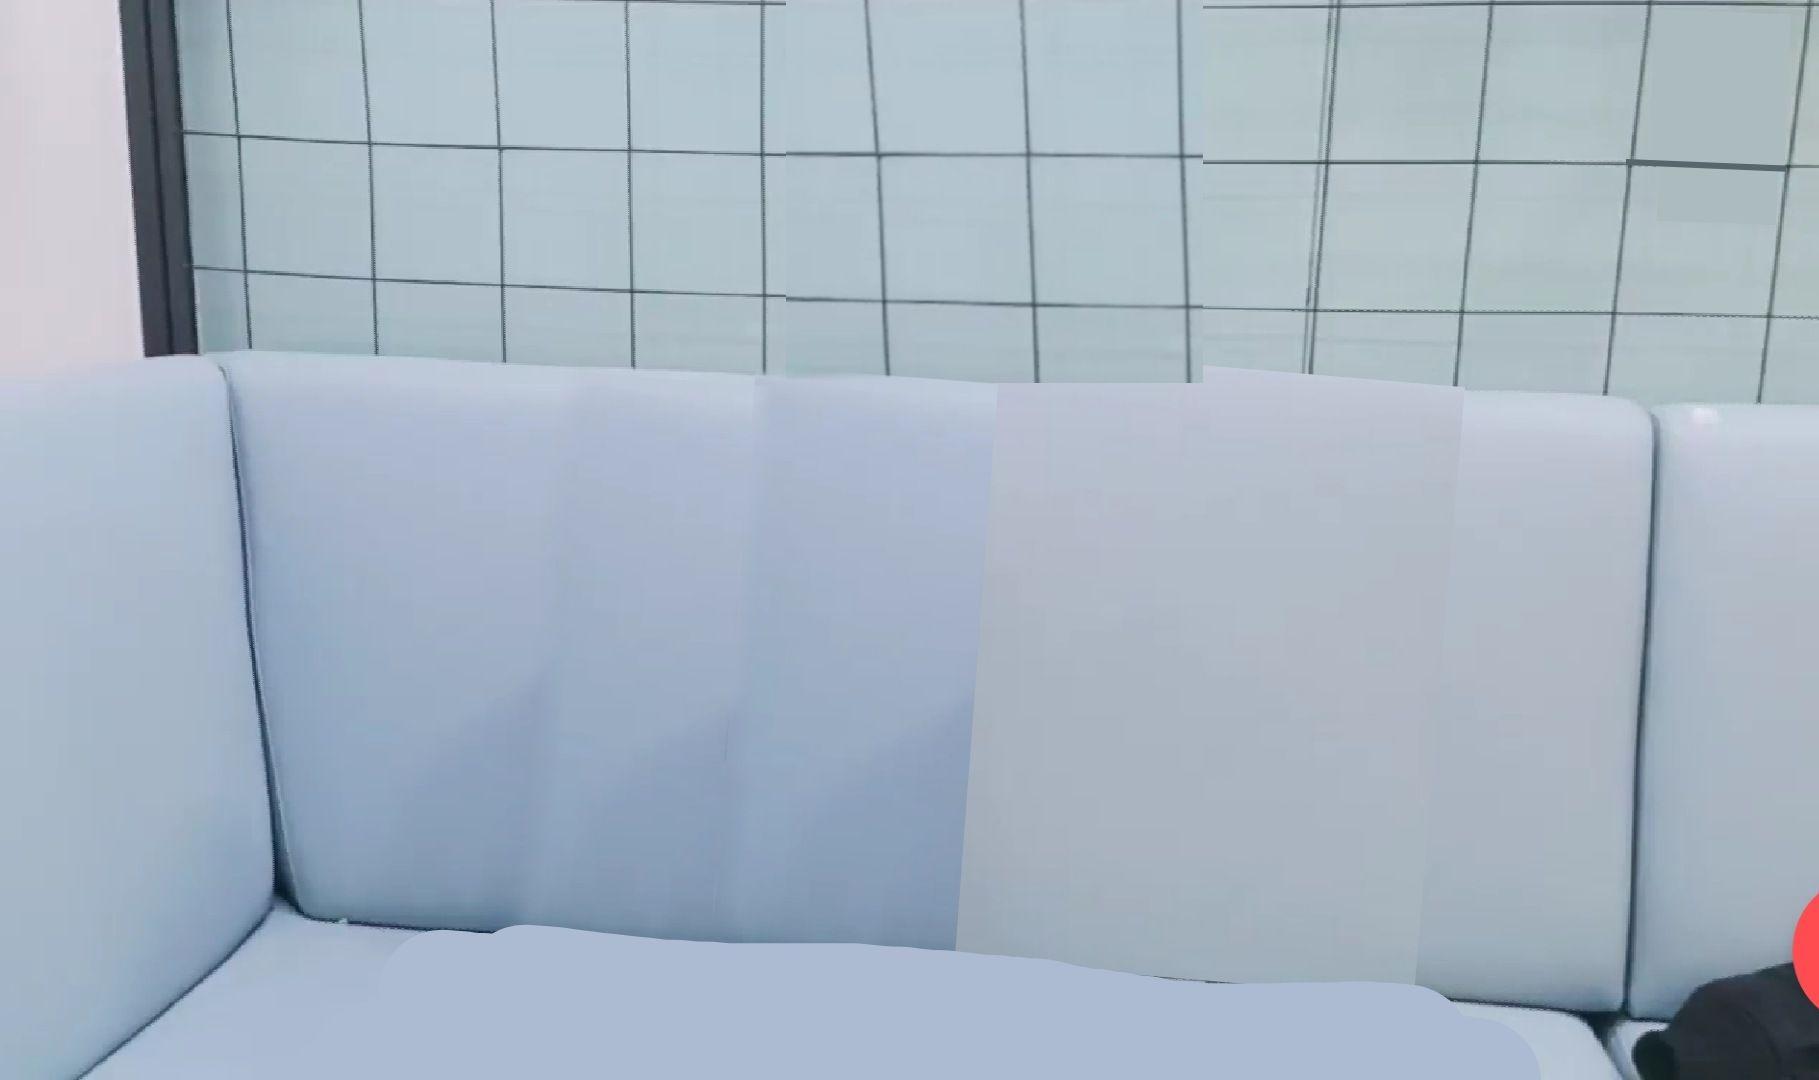 Pin Oleh B E C C A Di Wallpapers Rumah Gambar Karakter Awan Background bts untuk zoom